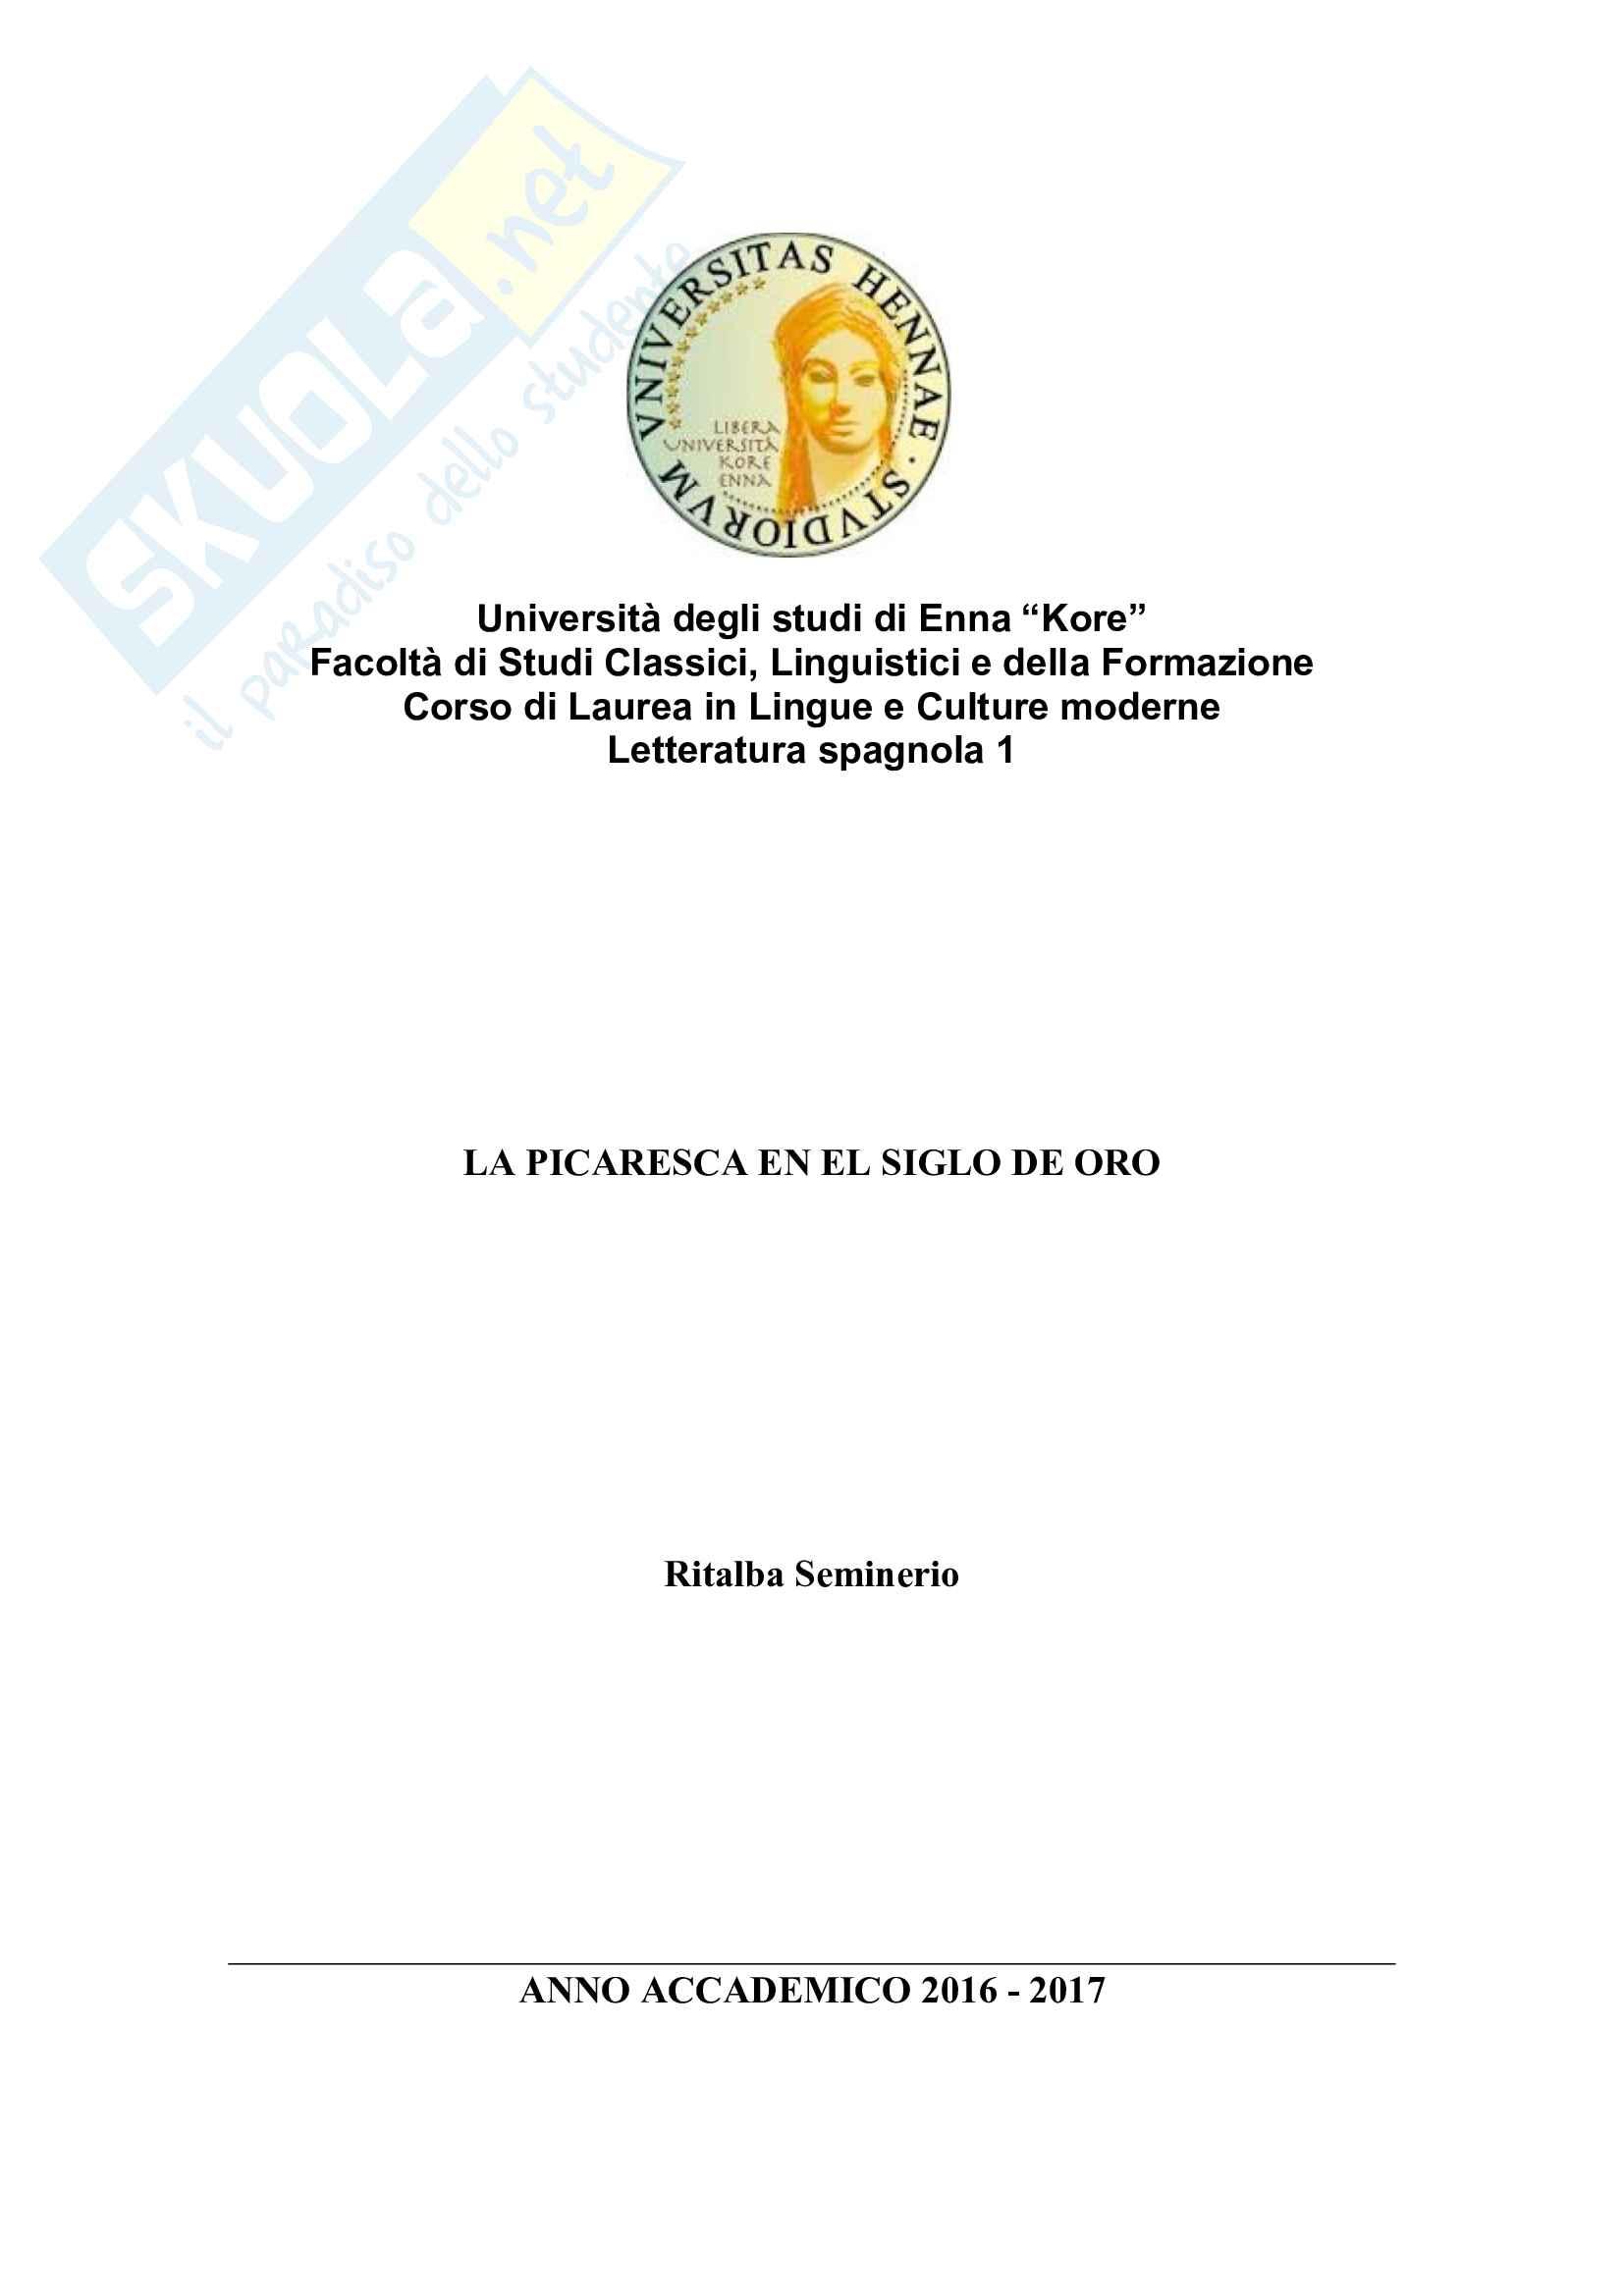 Mini tesi di letteratura spagnola